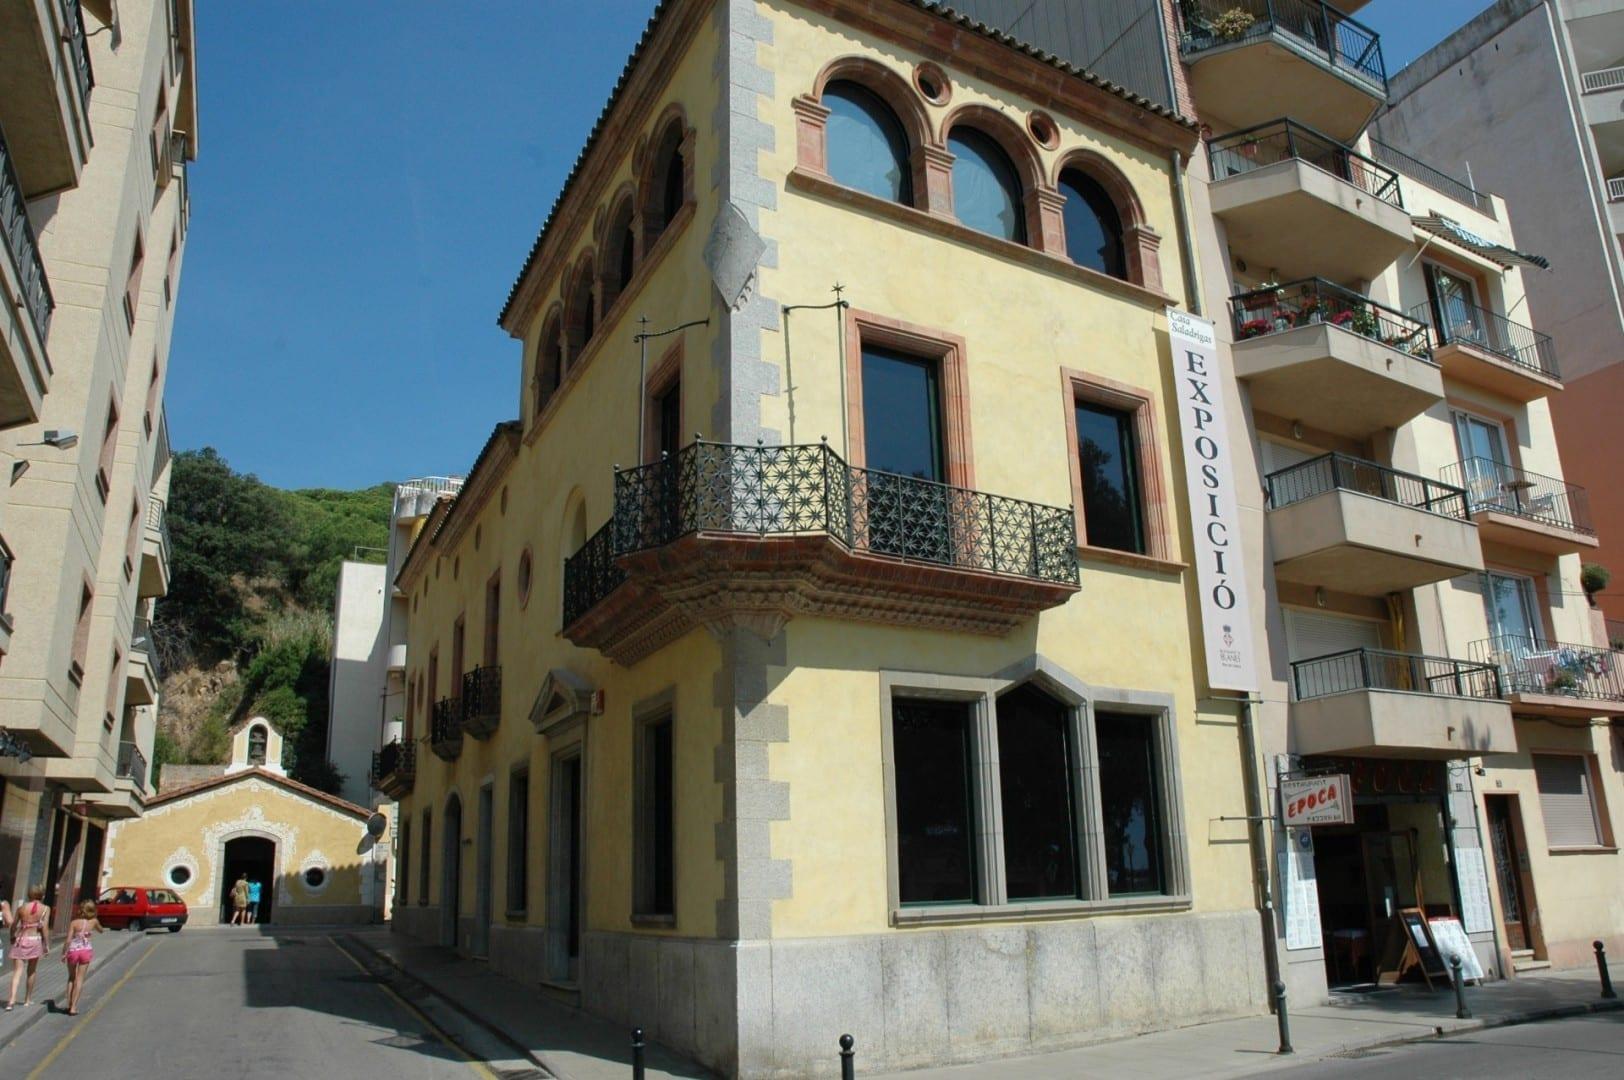 Casa Saladrigas (frente) y la Capilla de Esperanza (fondo). Blanes España